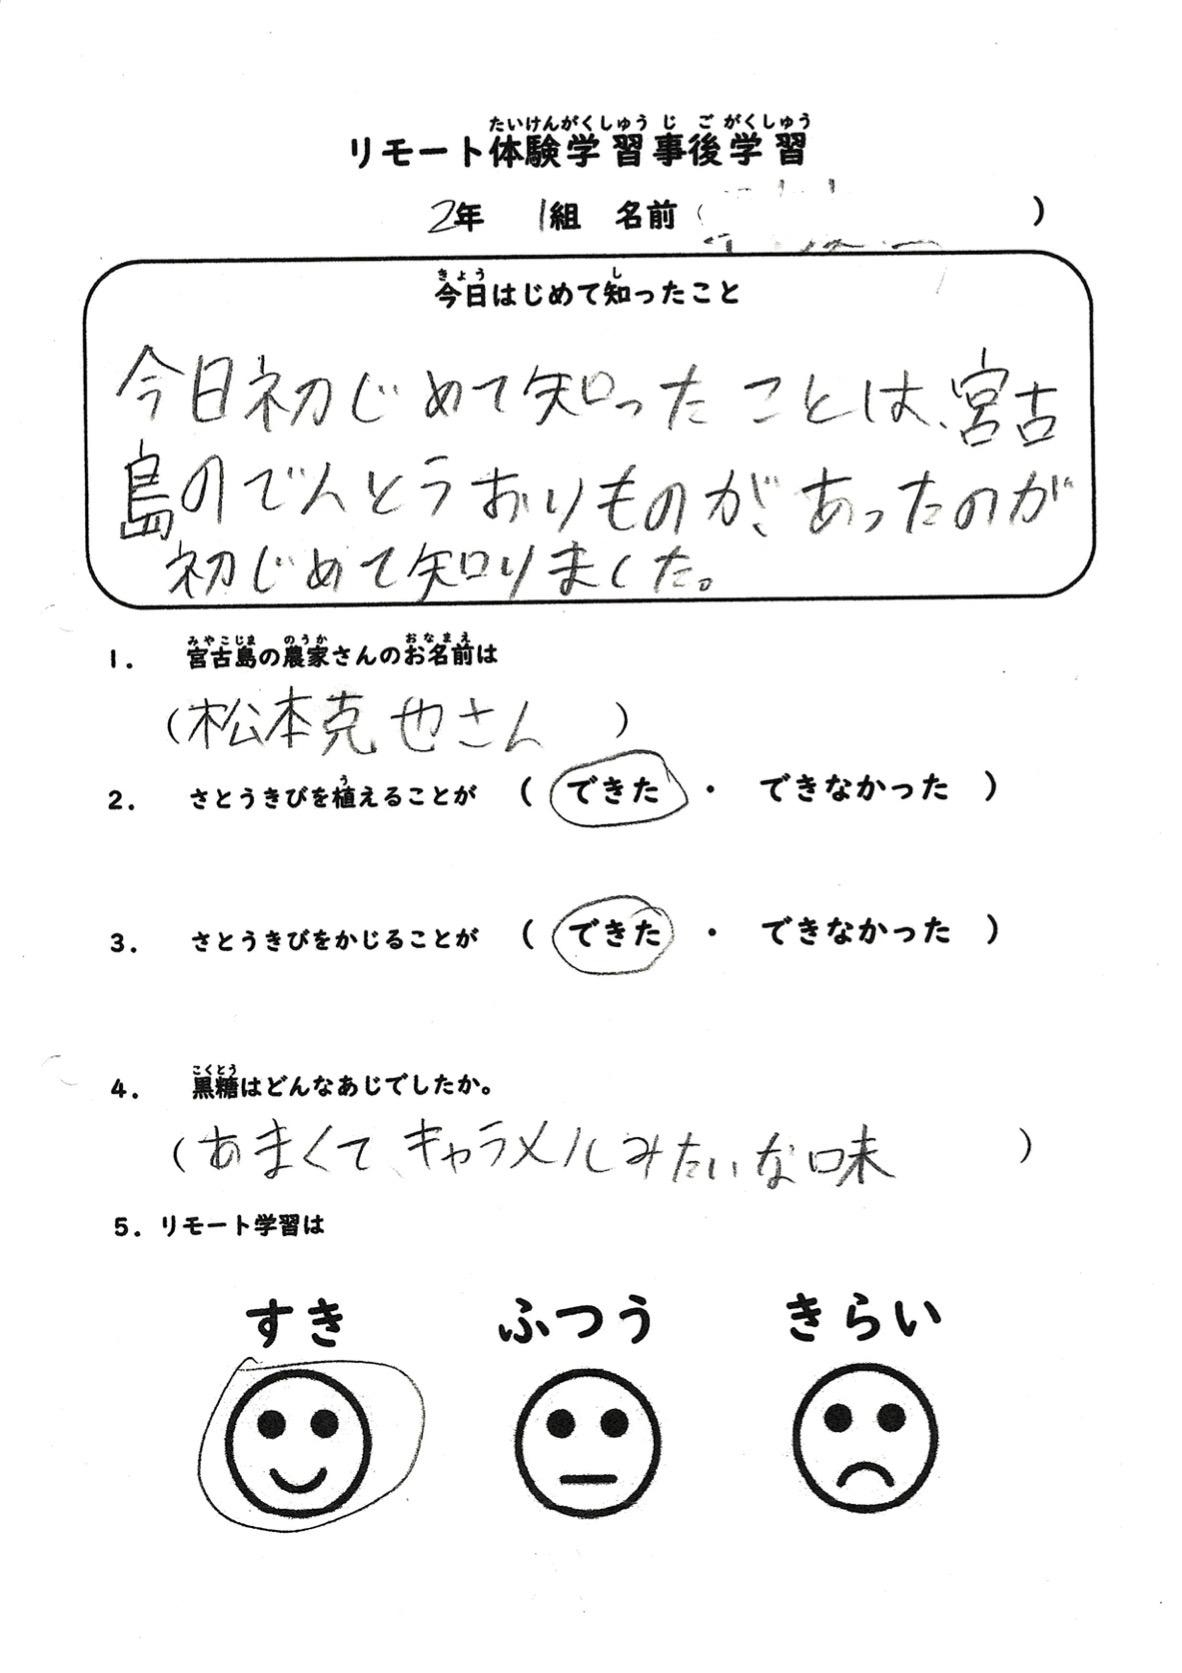 参加者からの声2